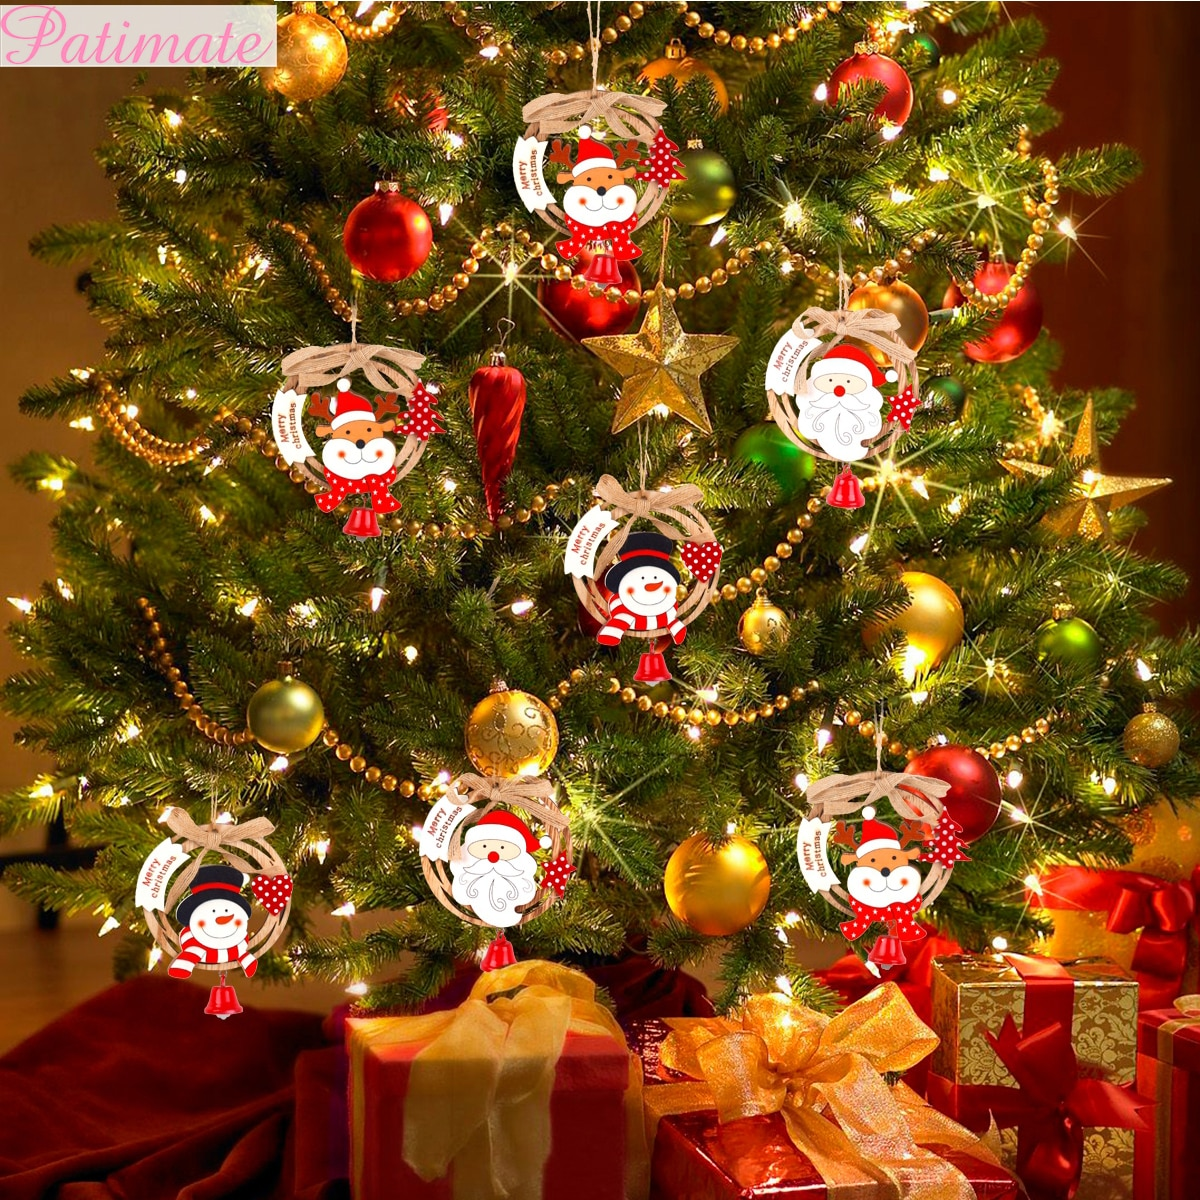 Decoración de madera Feliz Navidad para el hogar DIY ornamento de Navidad decoraciones de árbol de Navidad Deco Noel Navidad 2019 regalo de Año Nuevo